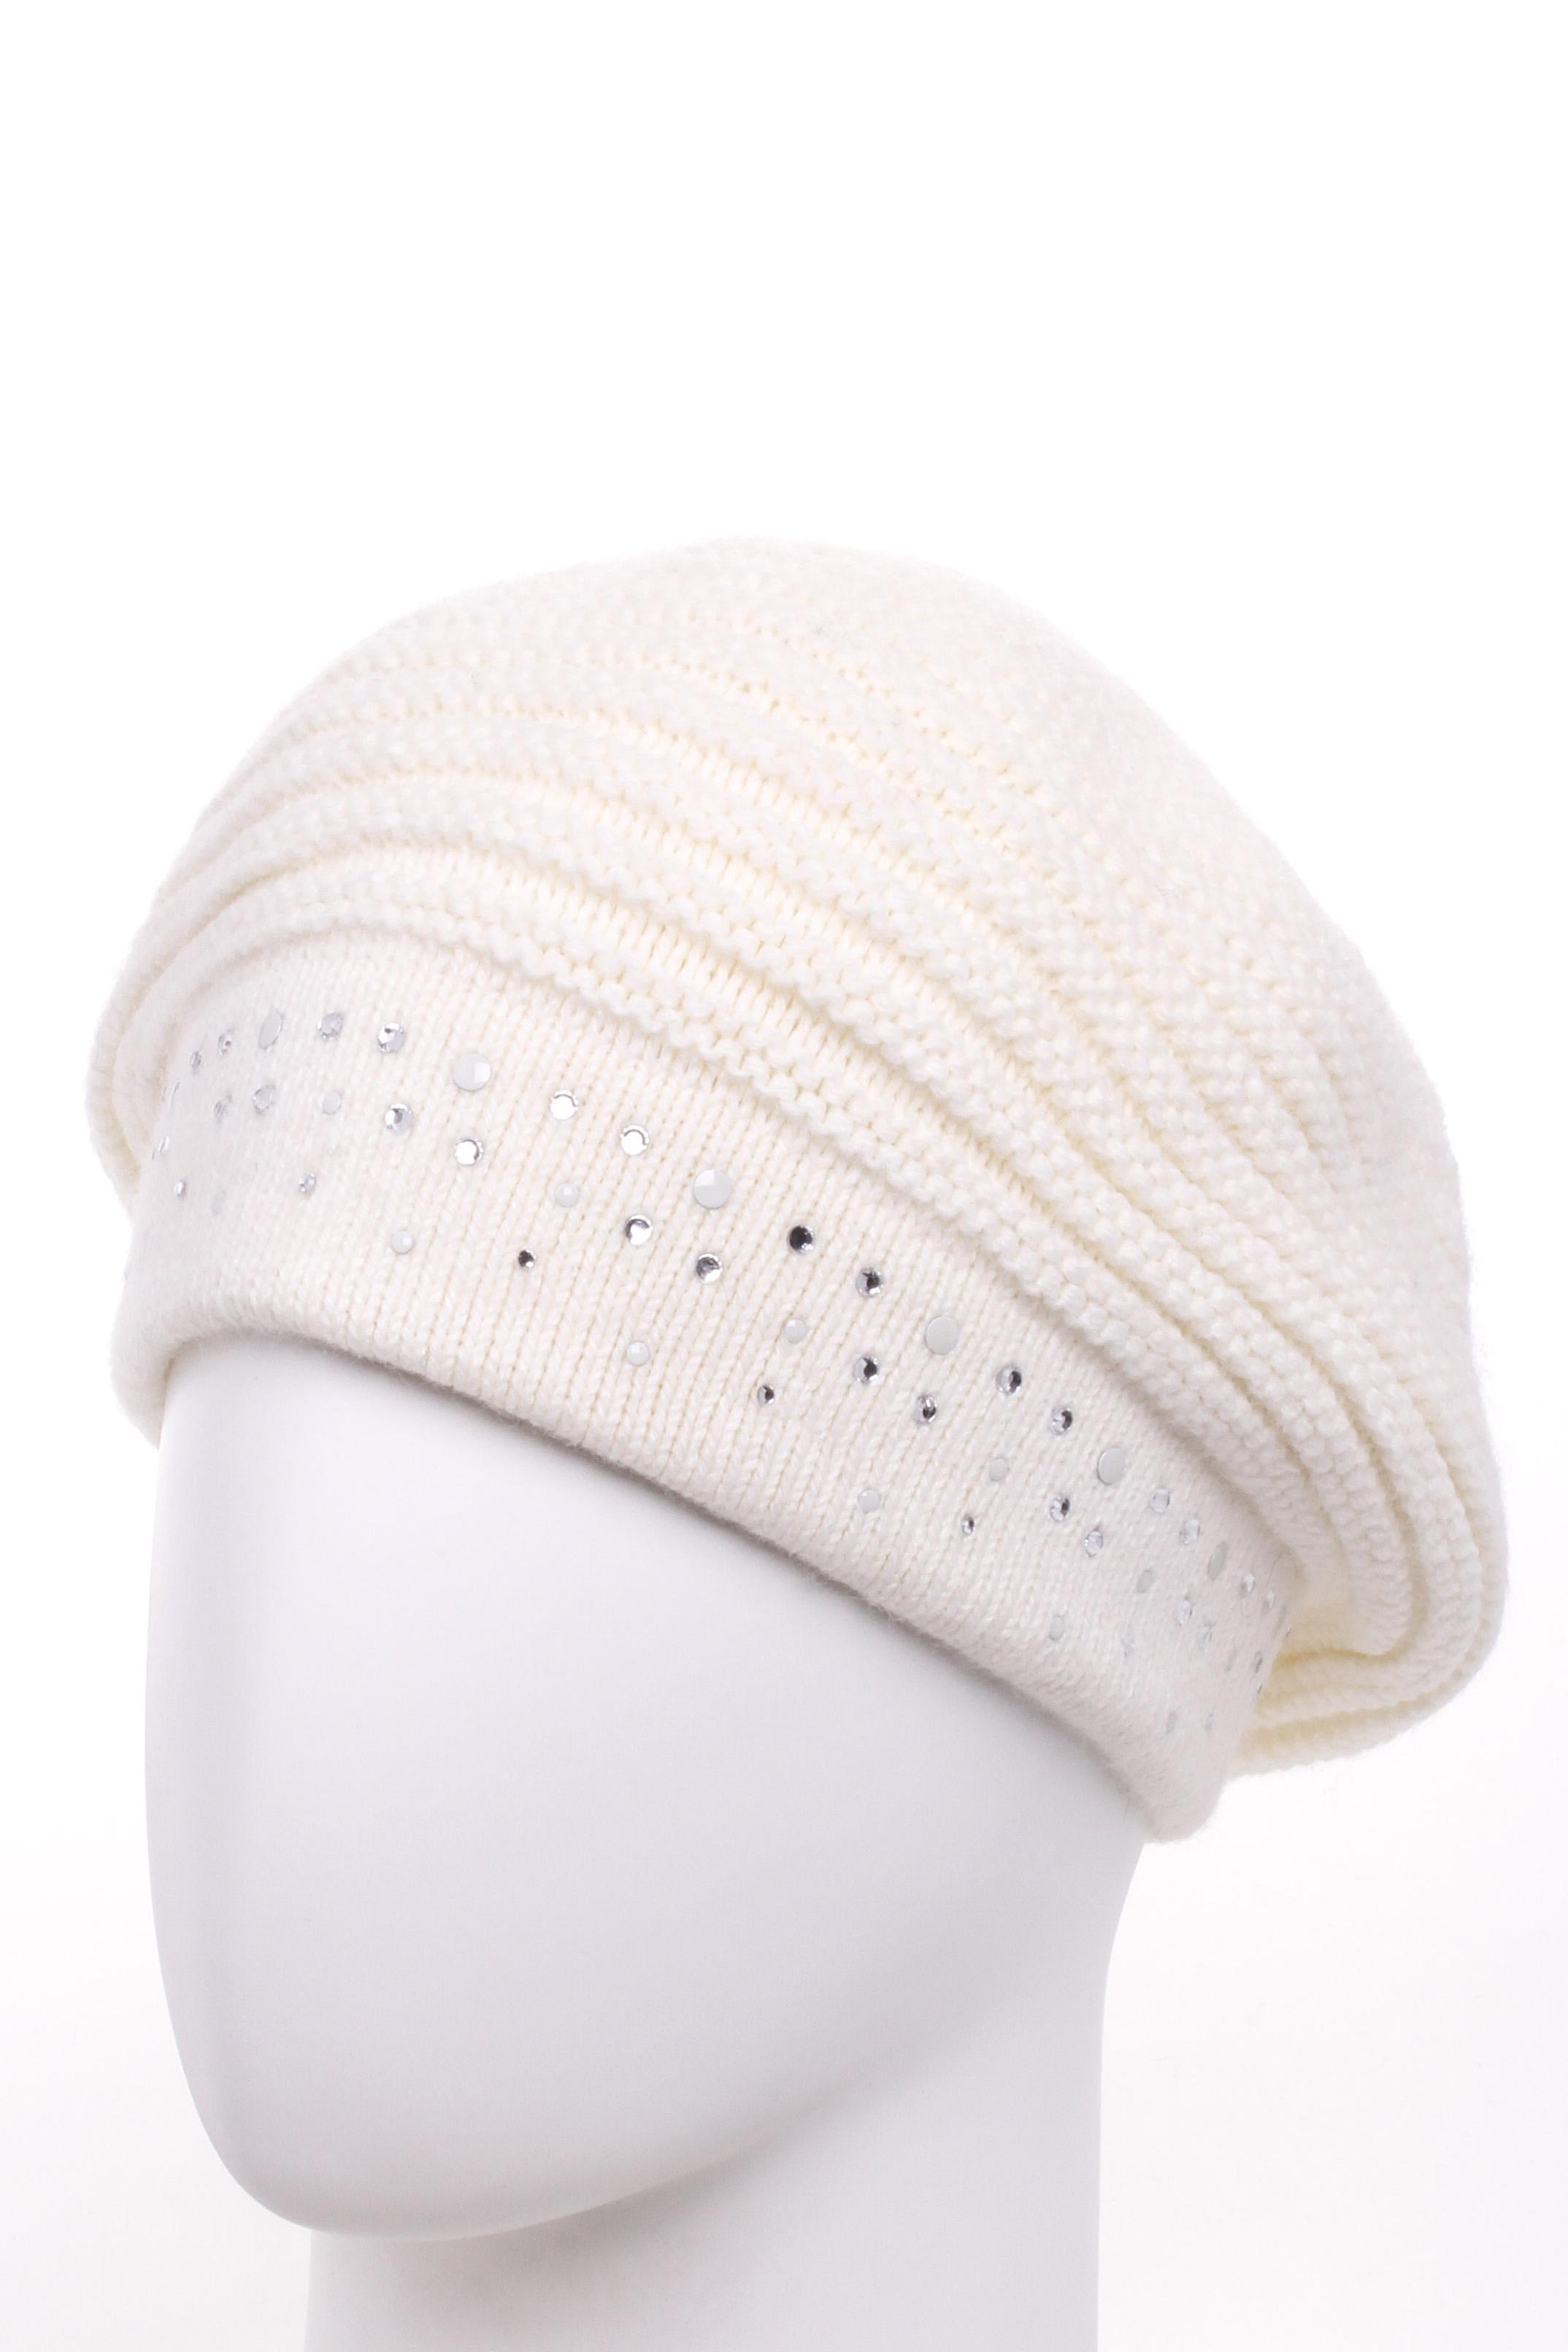 ШапкаШапки<br>Вязаная шапка подарит Вам тепло и комфорт, а так же подчеркнет Вашу женственность и станет прекрасным дополнением Вашего образа.  Цвет: белый<br><br>По материалу: Вязаные<br>По рисунку: Однотонные<br>По элементам: С декором<br>По сезону: Зима<br>Размер : universal<br>Материал: Вязаное полотно<br>Количество в наличии: 1